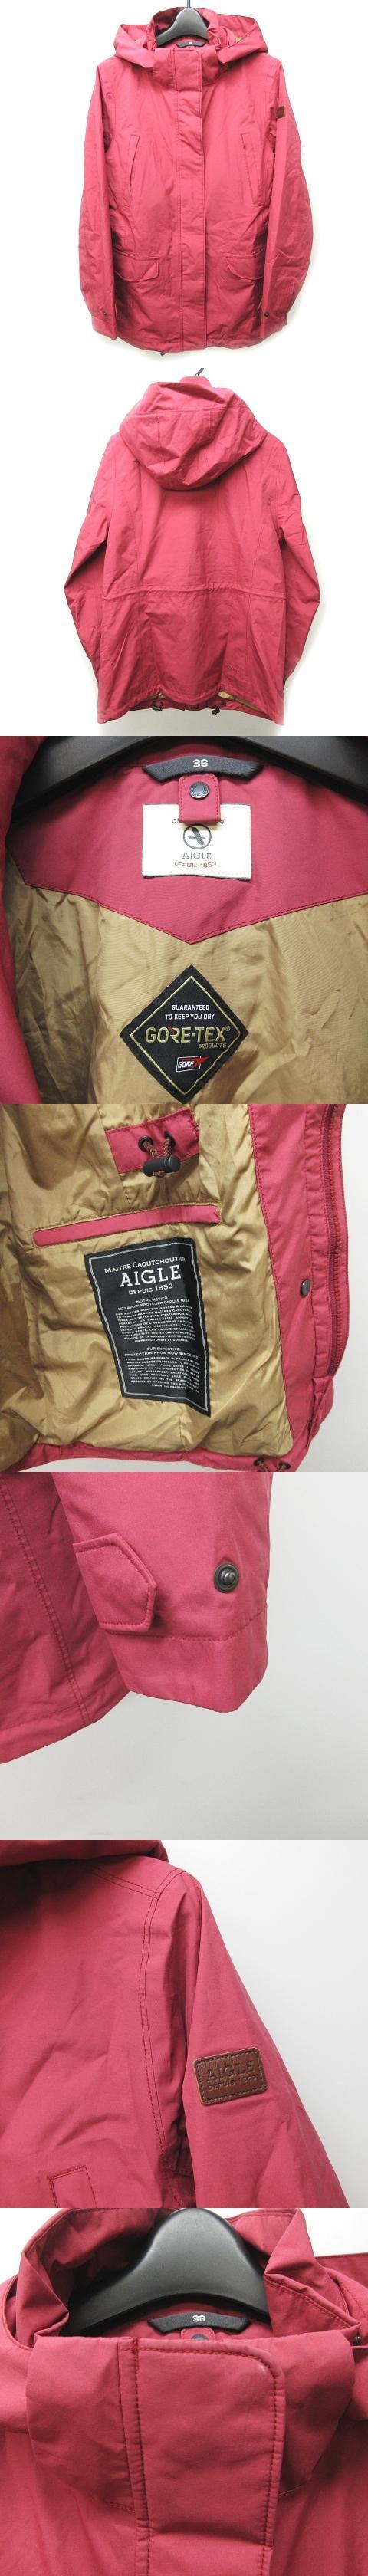 ゴアテックス ベロン ジャケット マウンテンパーカ フード GORE-TEX トートバッグ付 紫 系 36 ZBFH652 1113